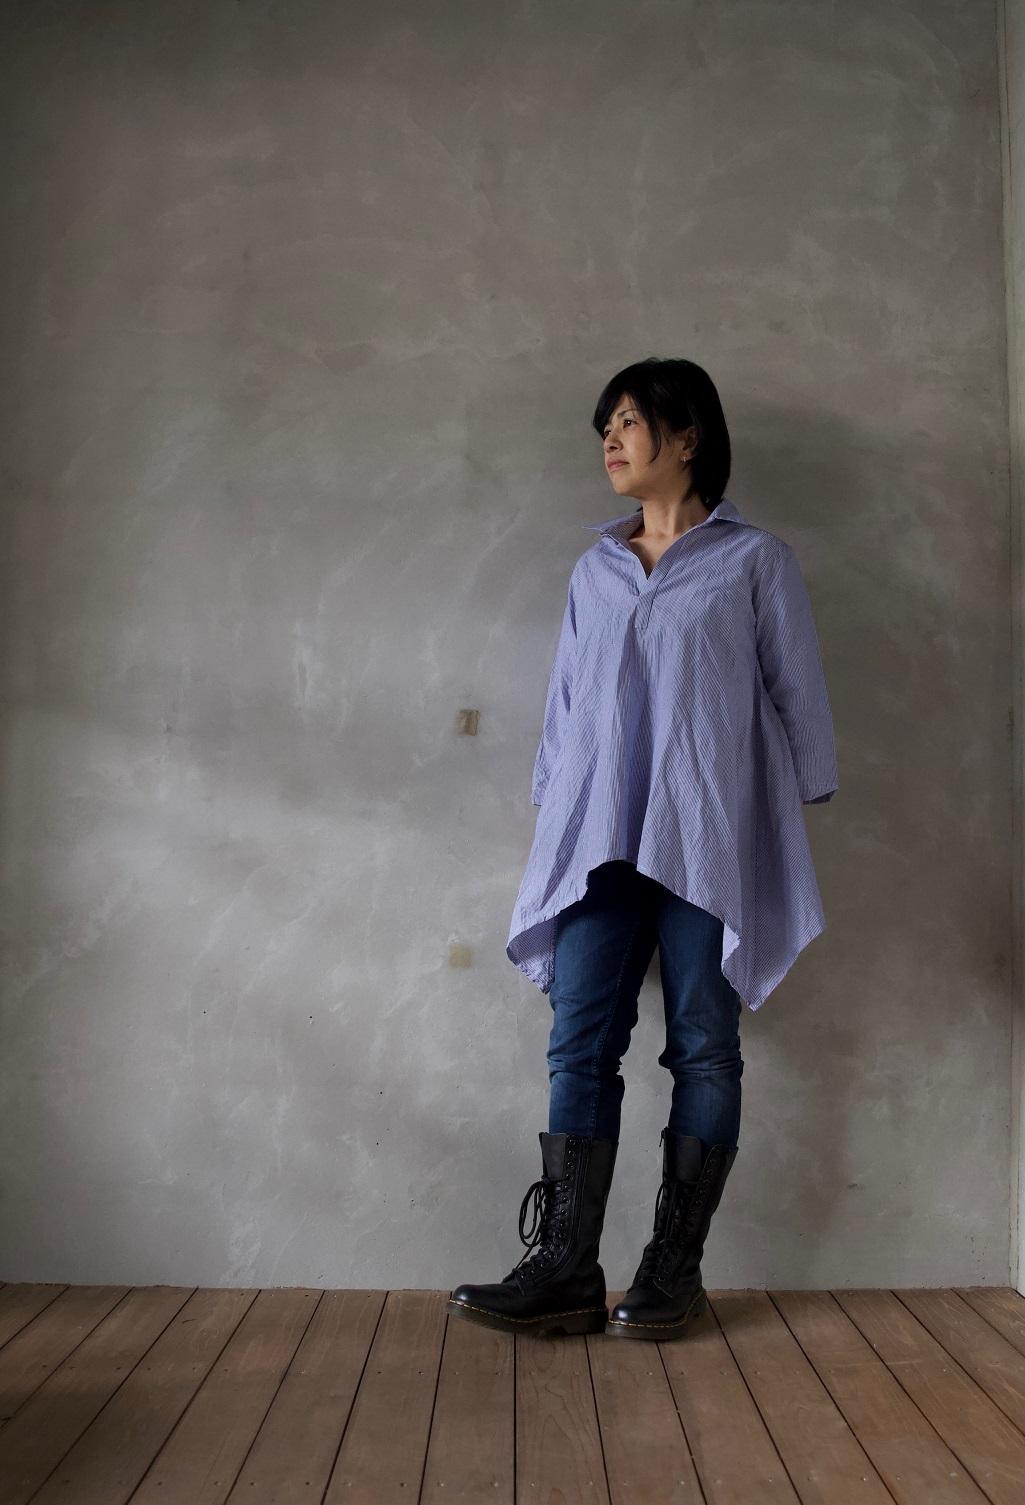 【linenu works展】大人の気になる部分を優しく包み込んですっきり。スワローシャツ。tricoter/広島福山